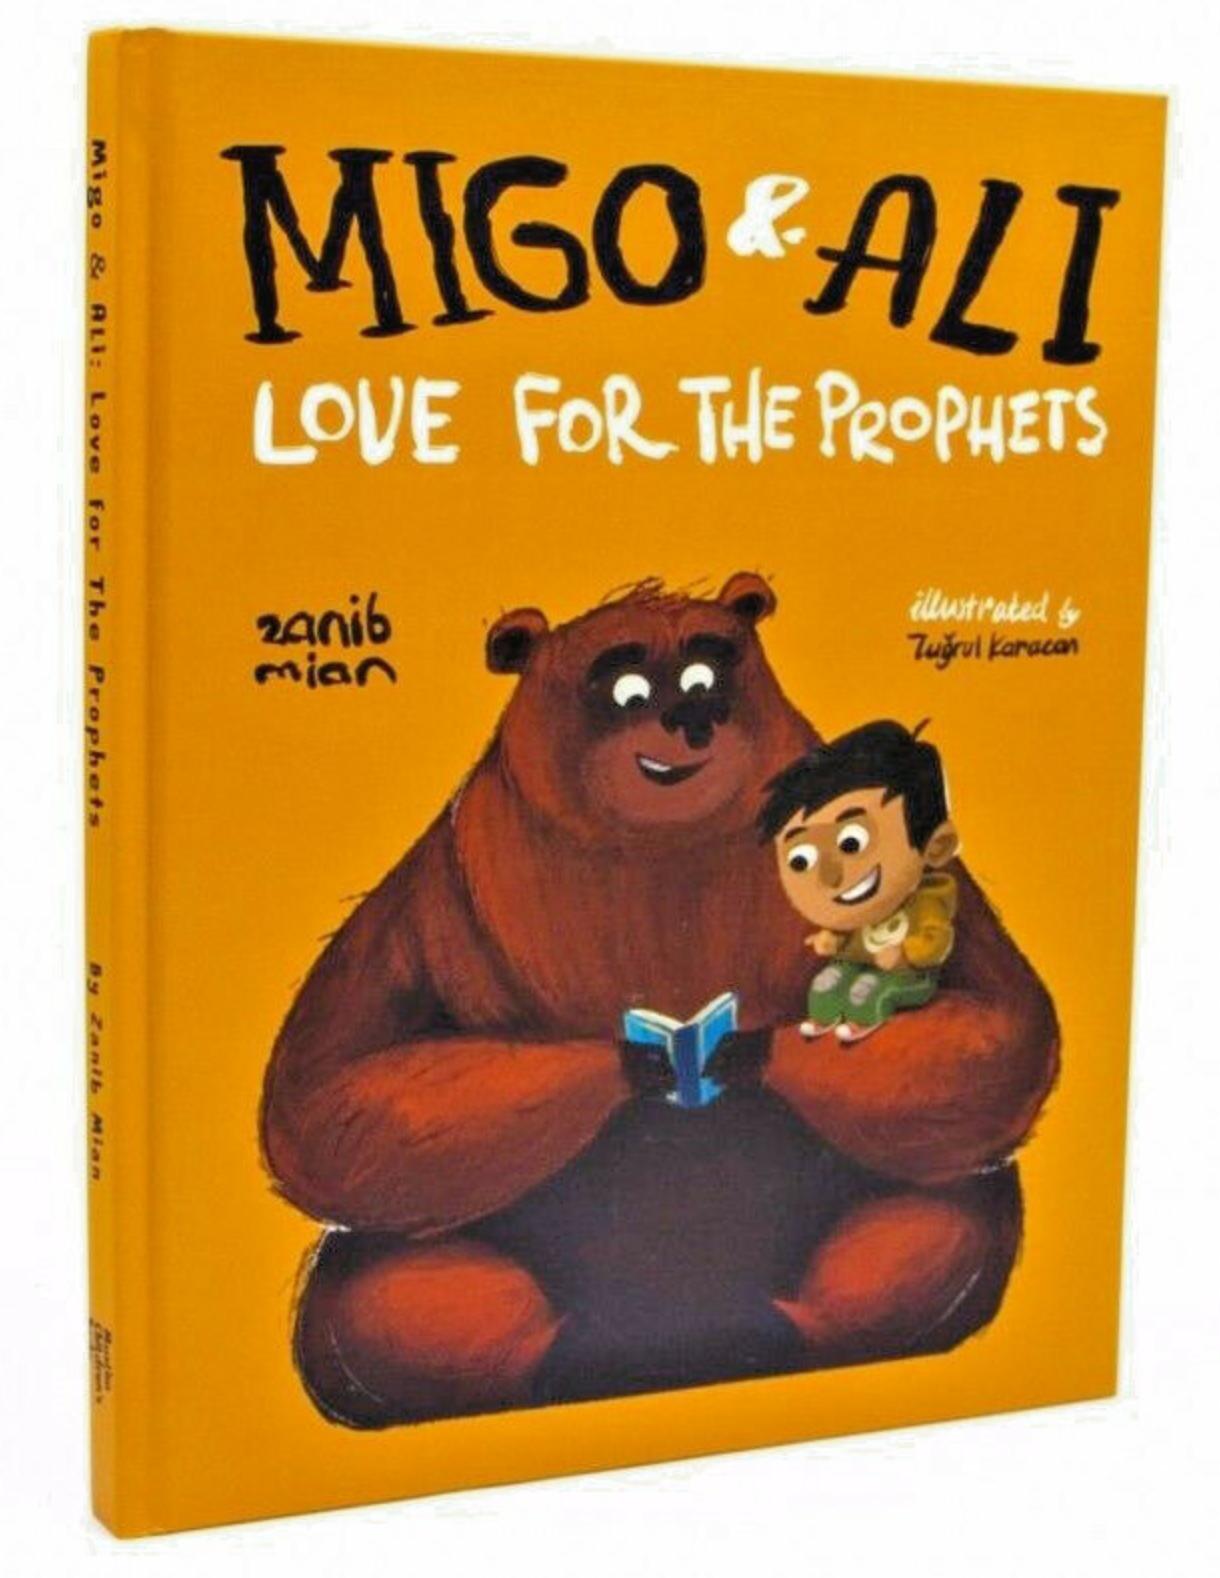 Migo and Ali front cover